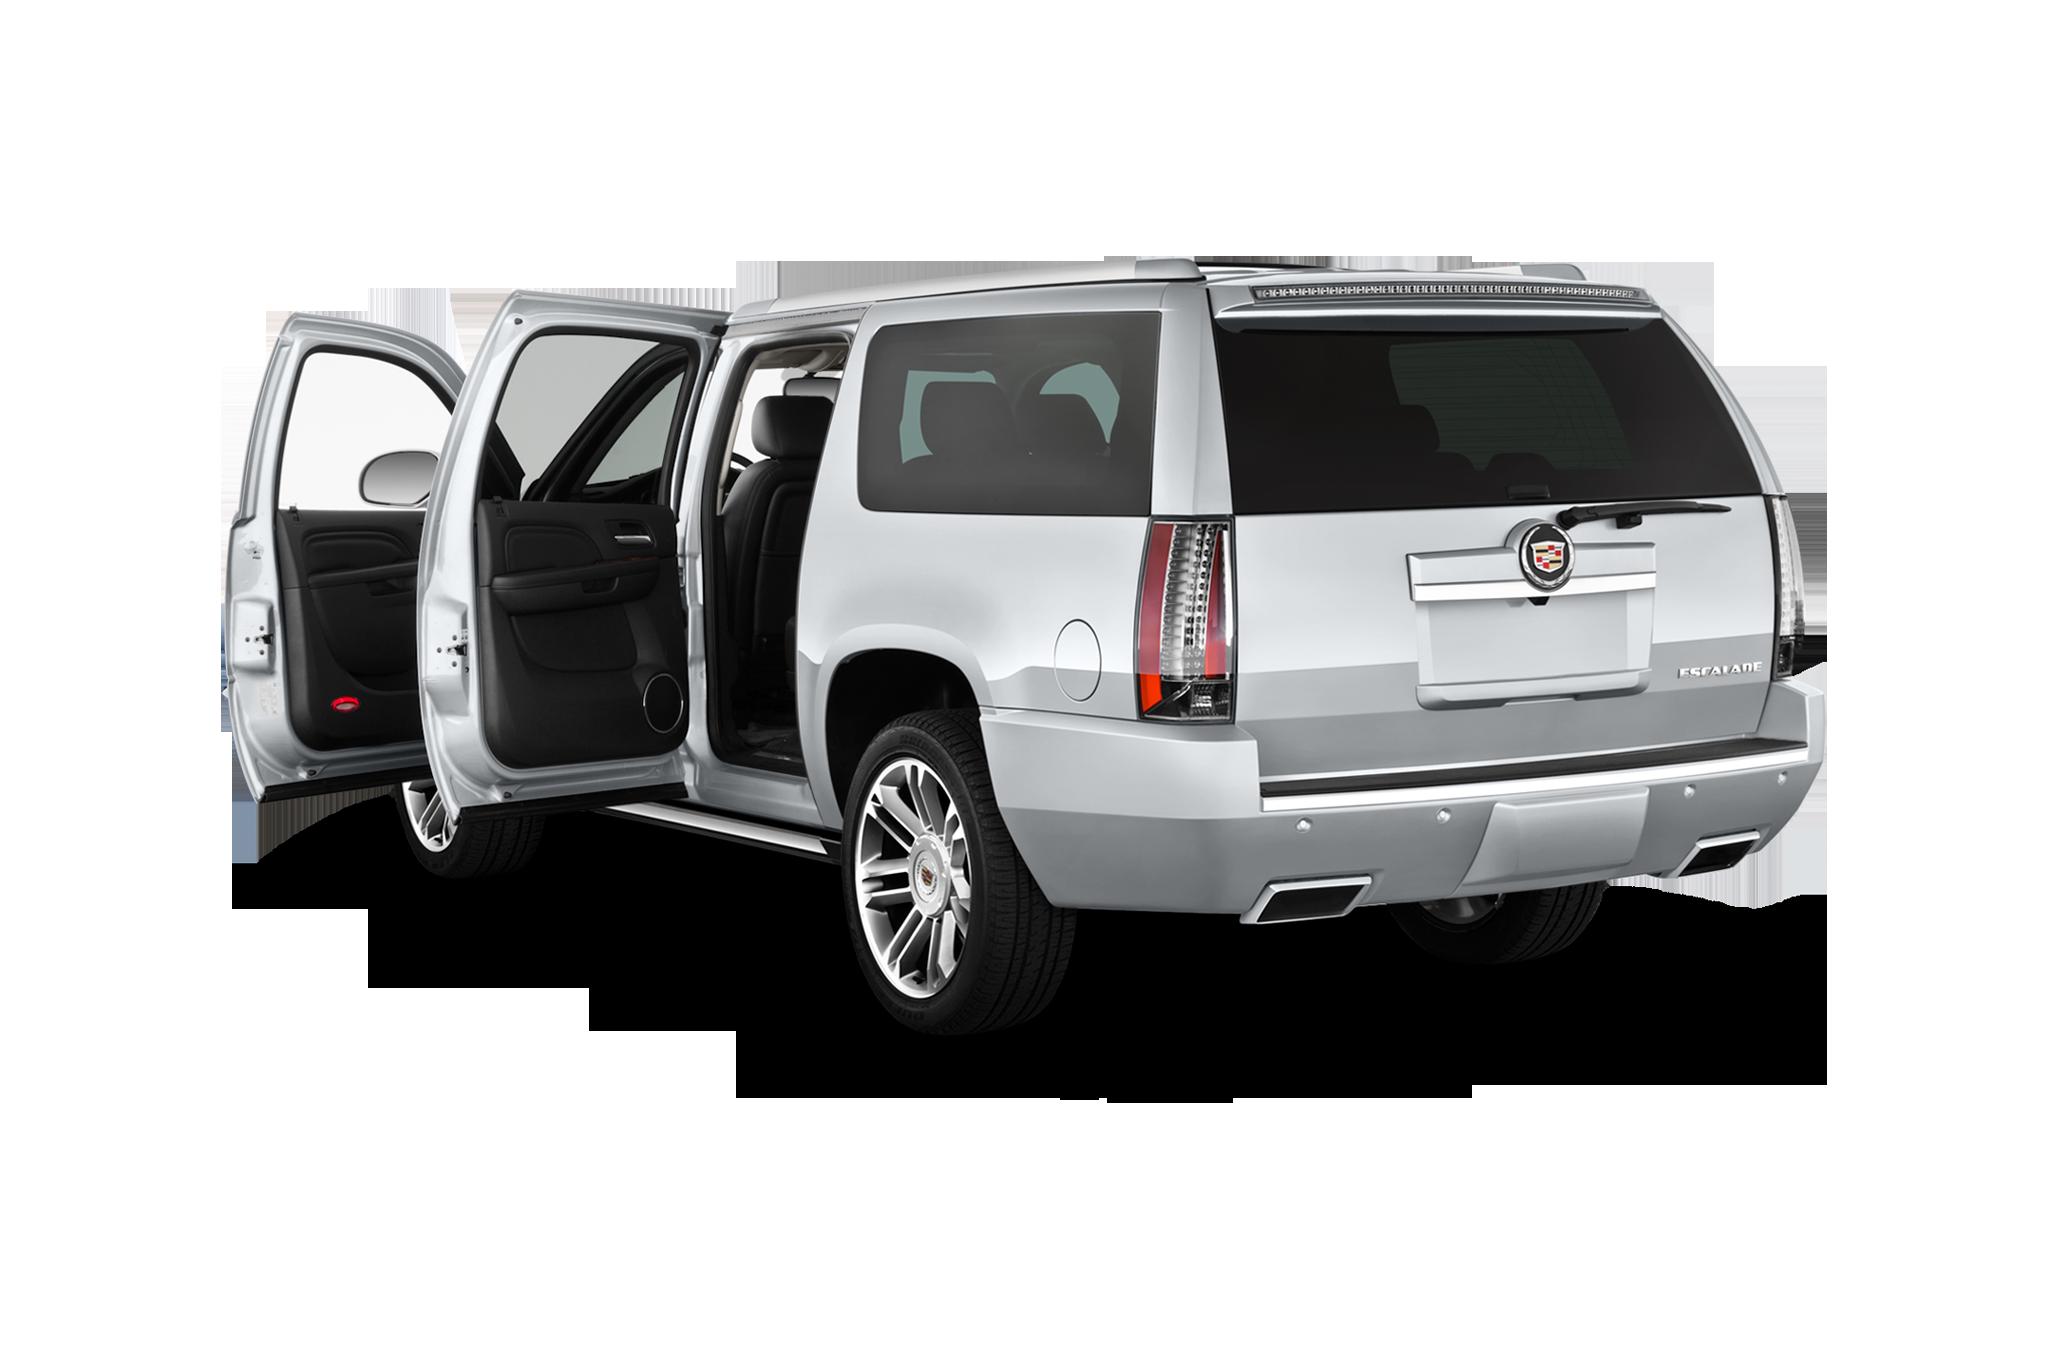 2012 Cadillac Escalade Esv Platinum Editors Notebook